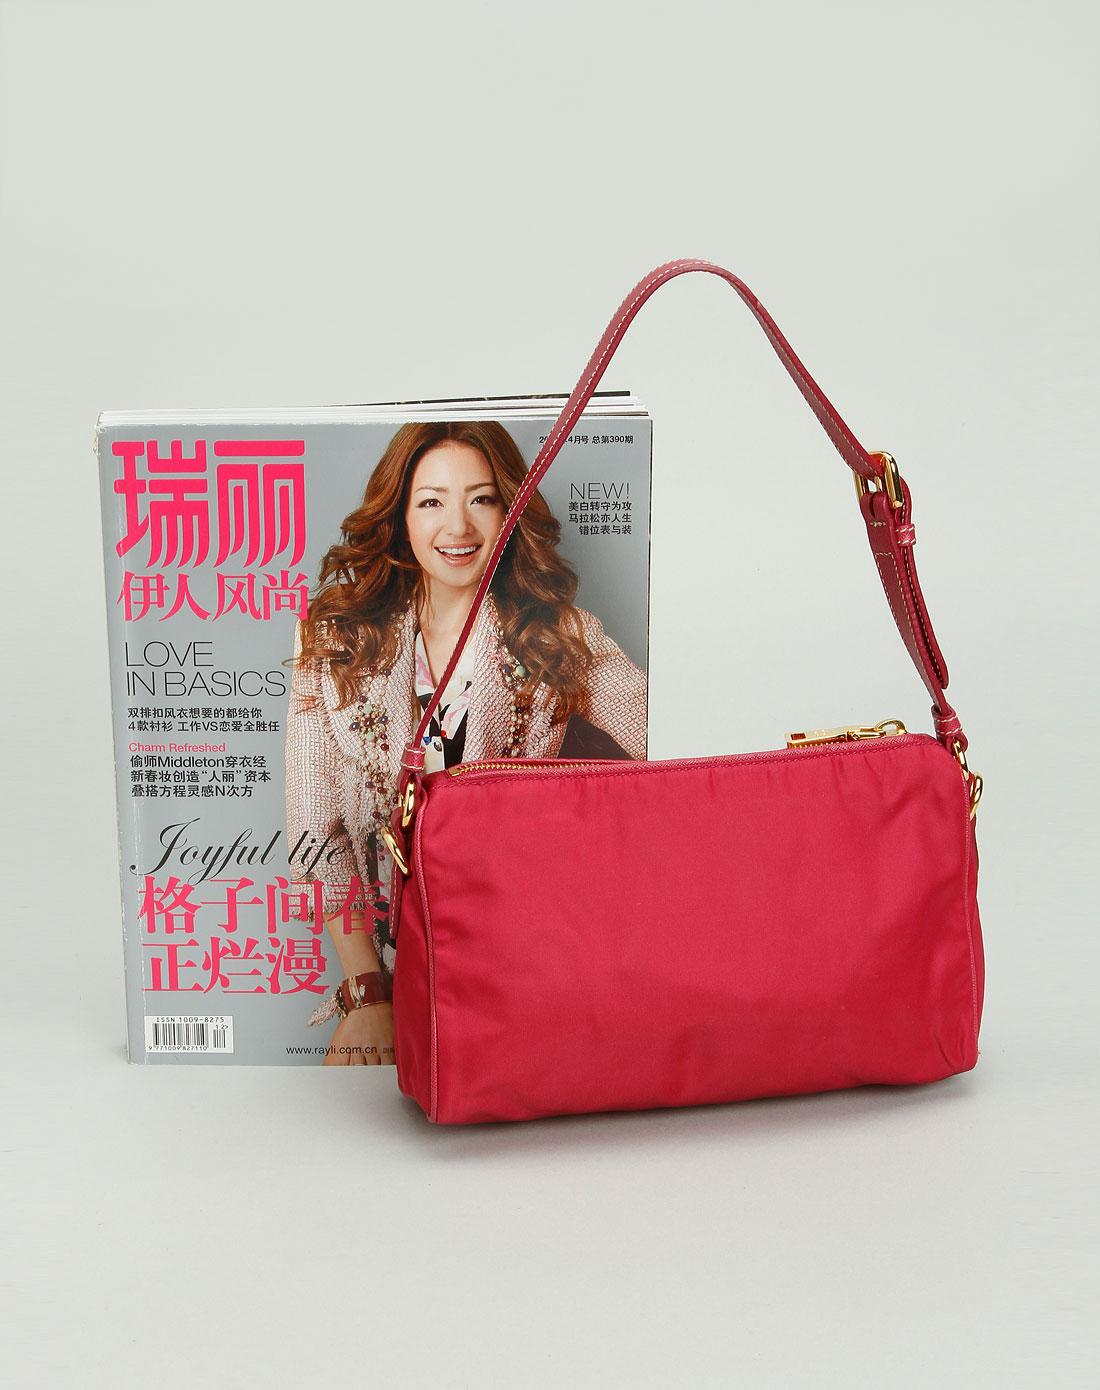 prada女款红色小手提包